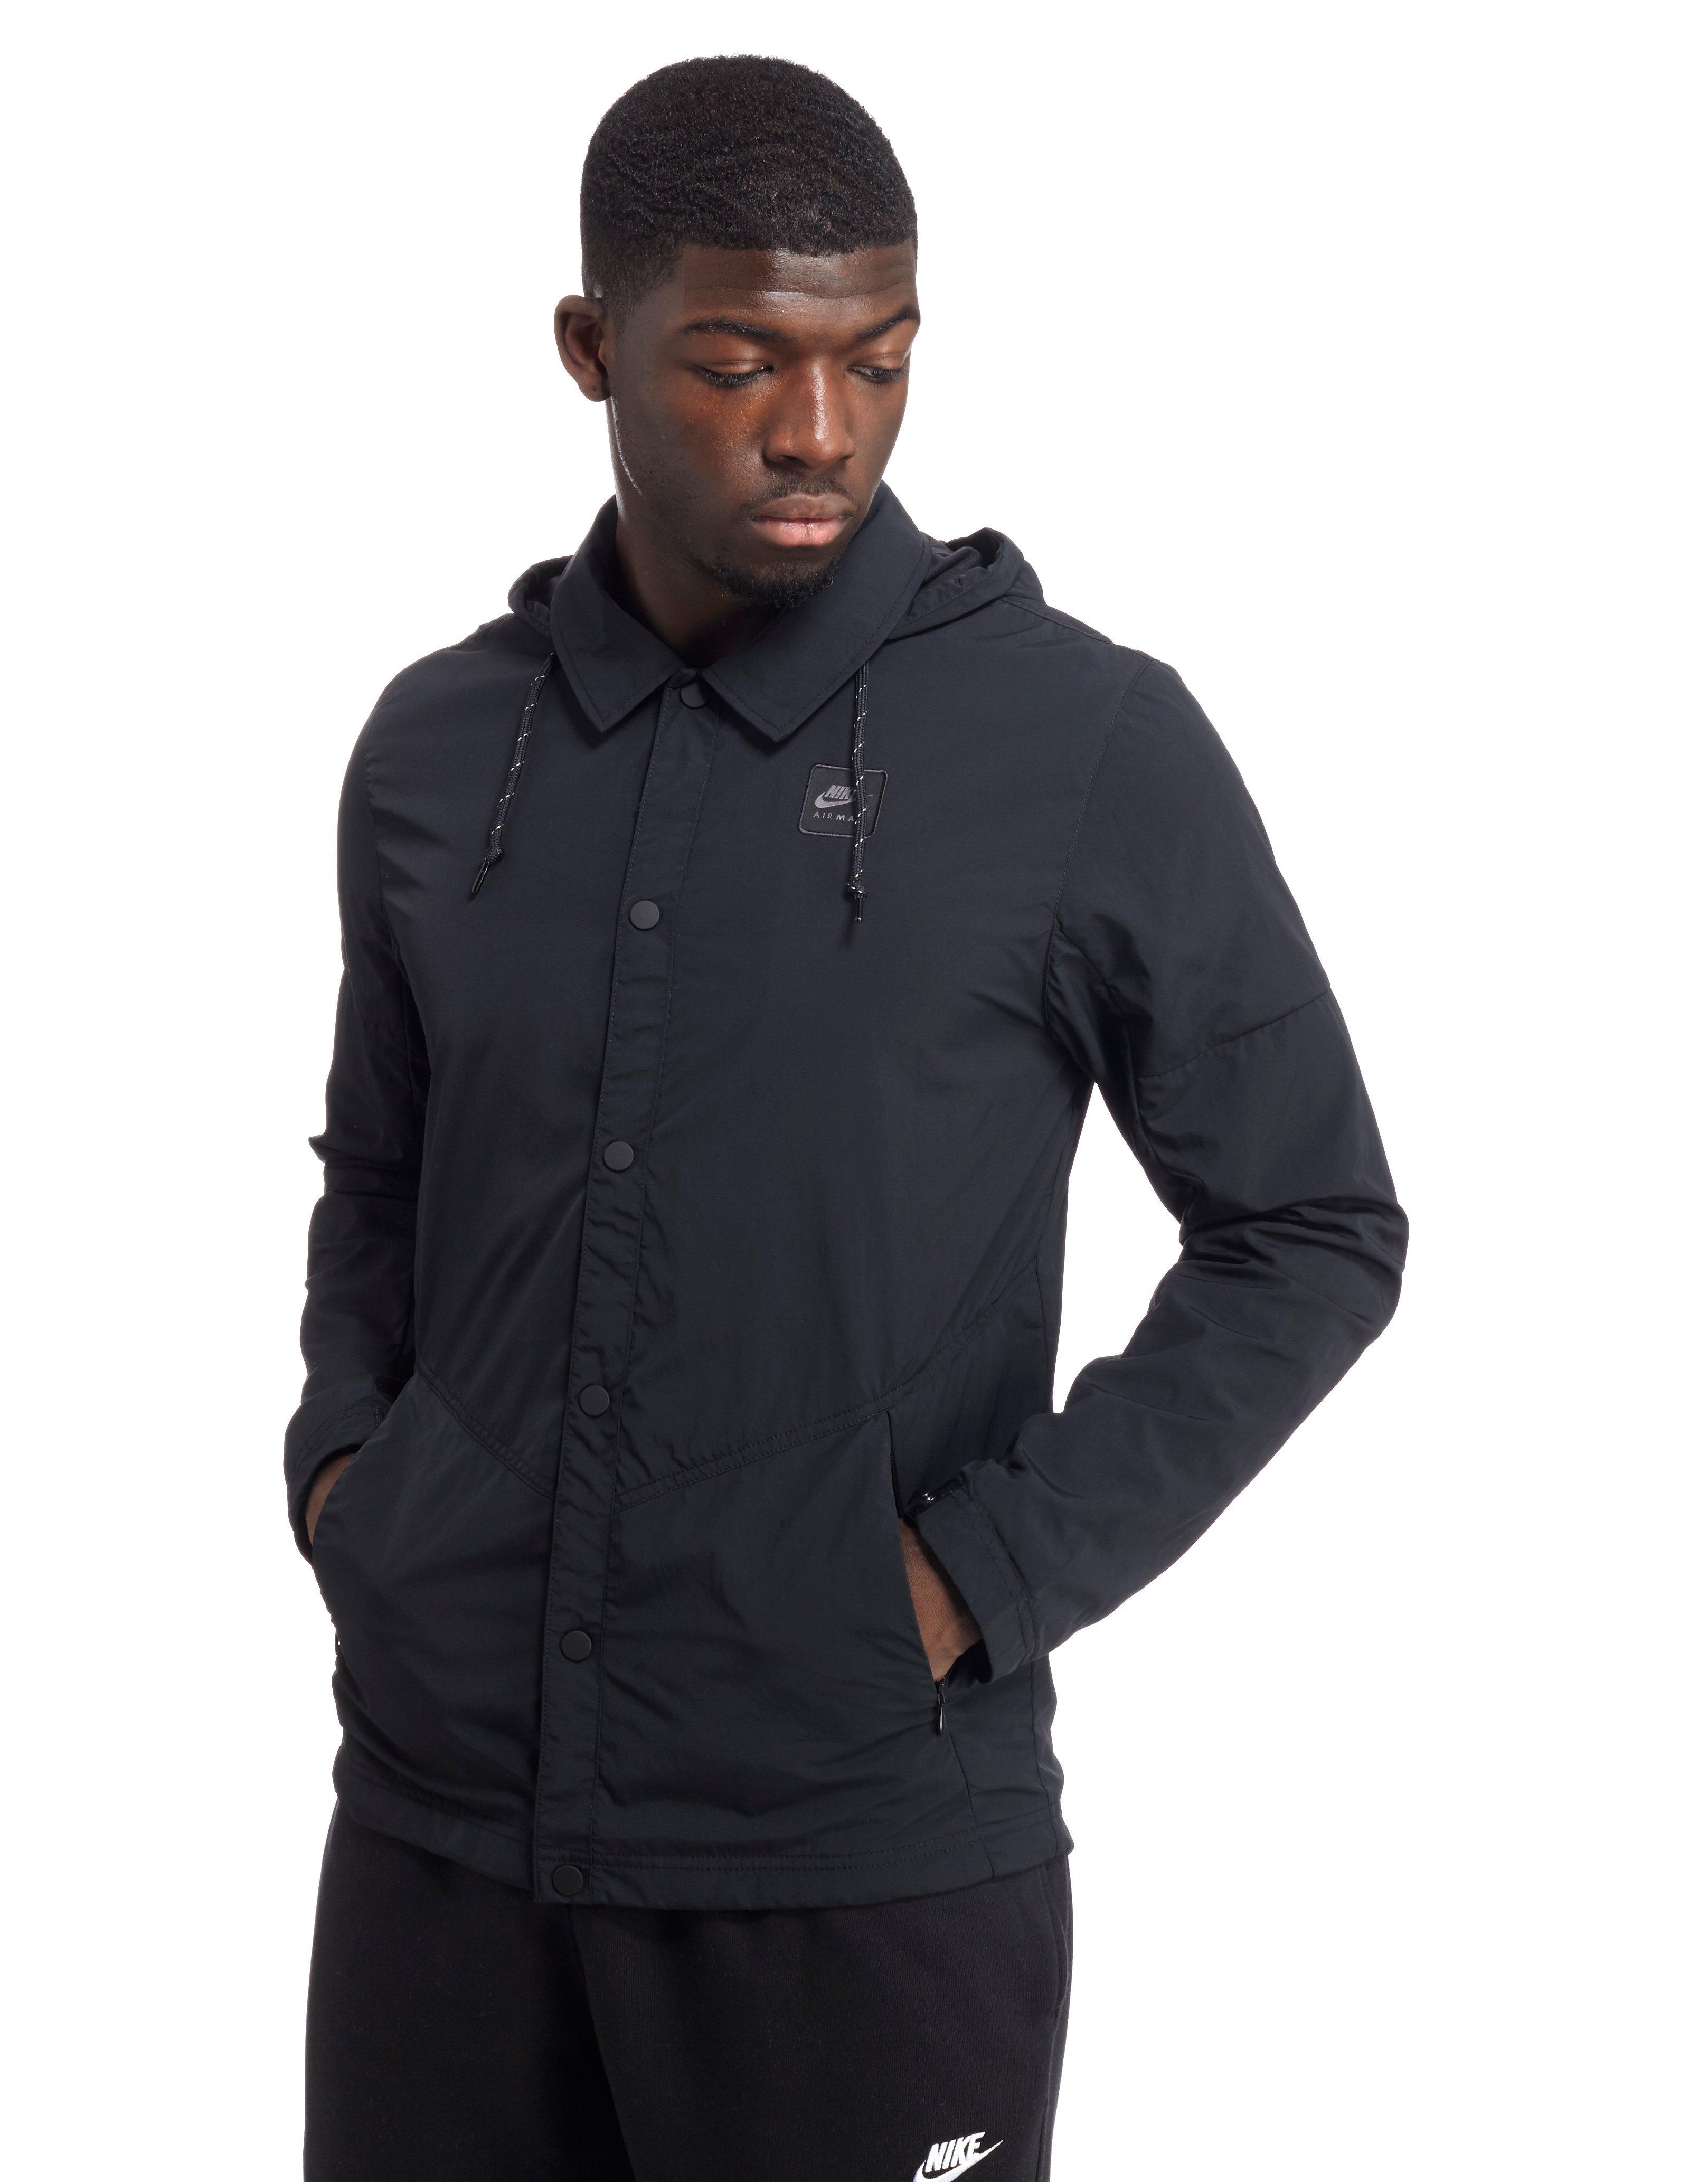 air max jacket.